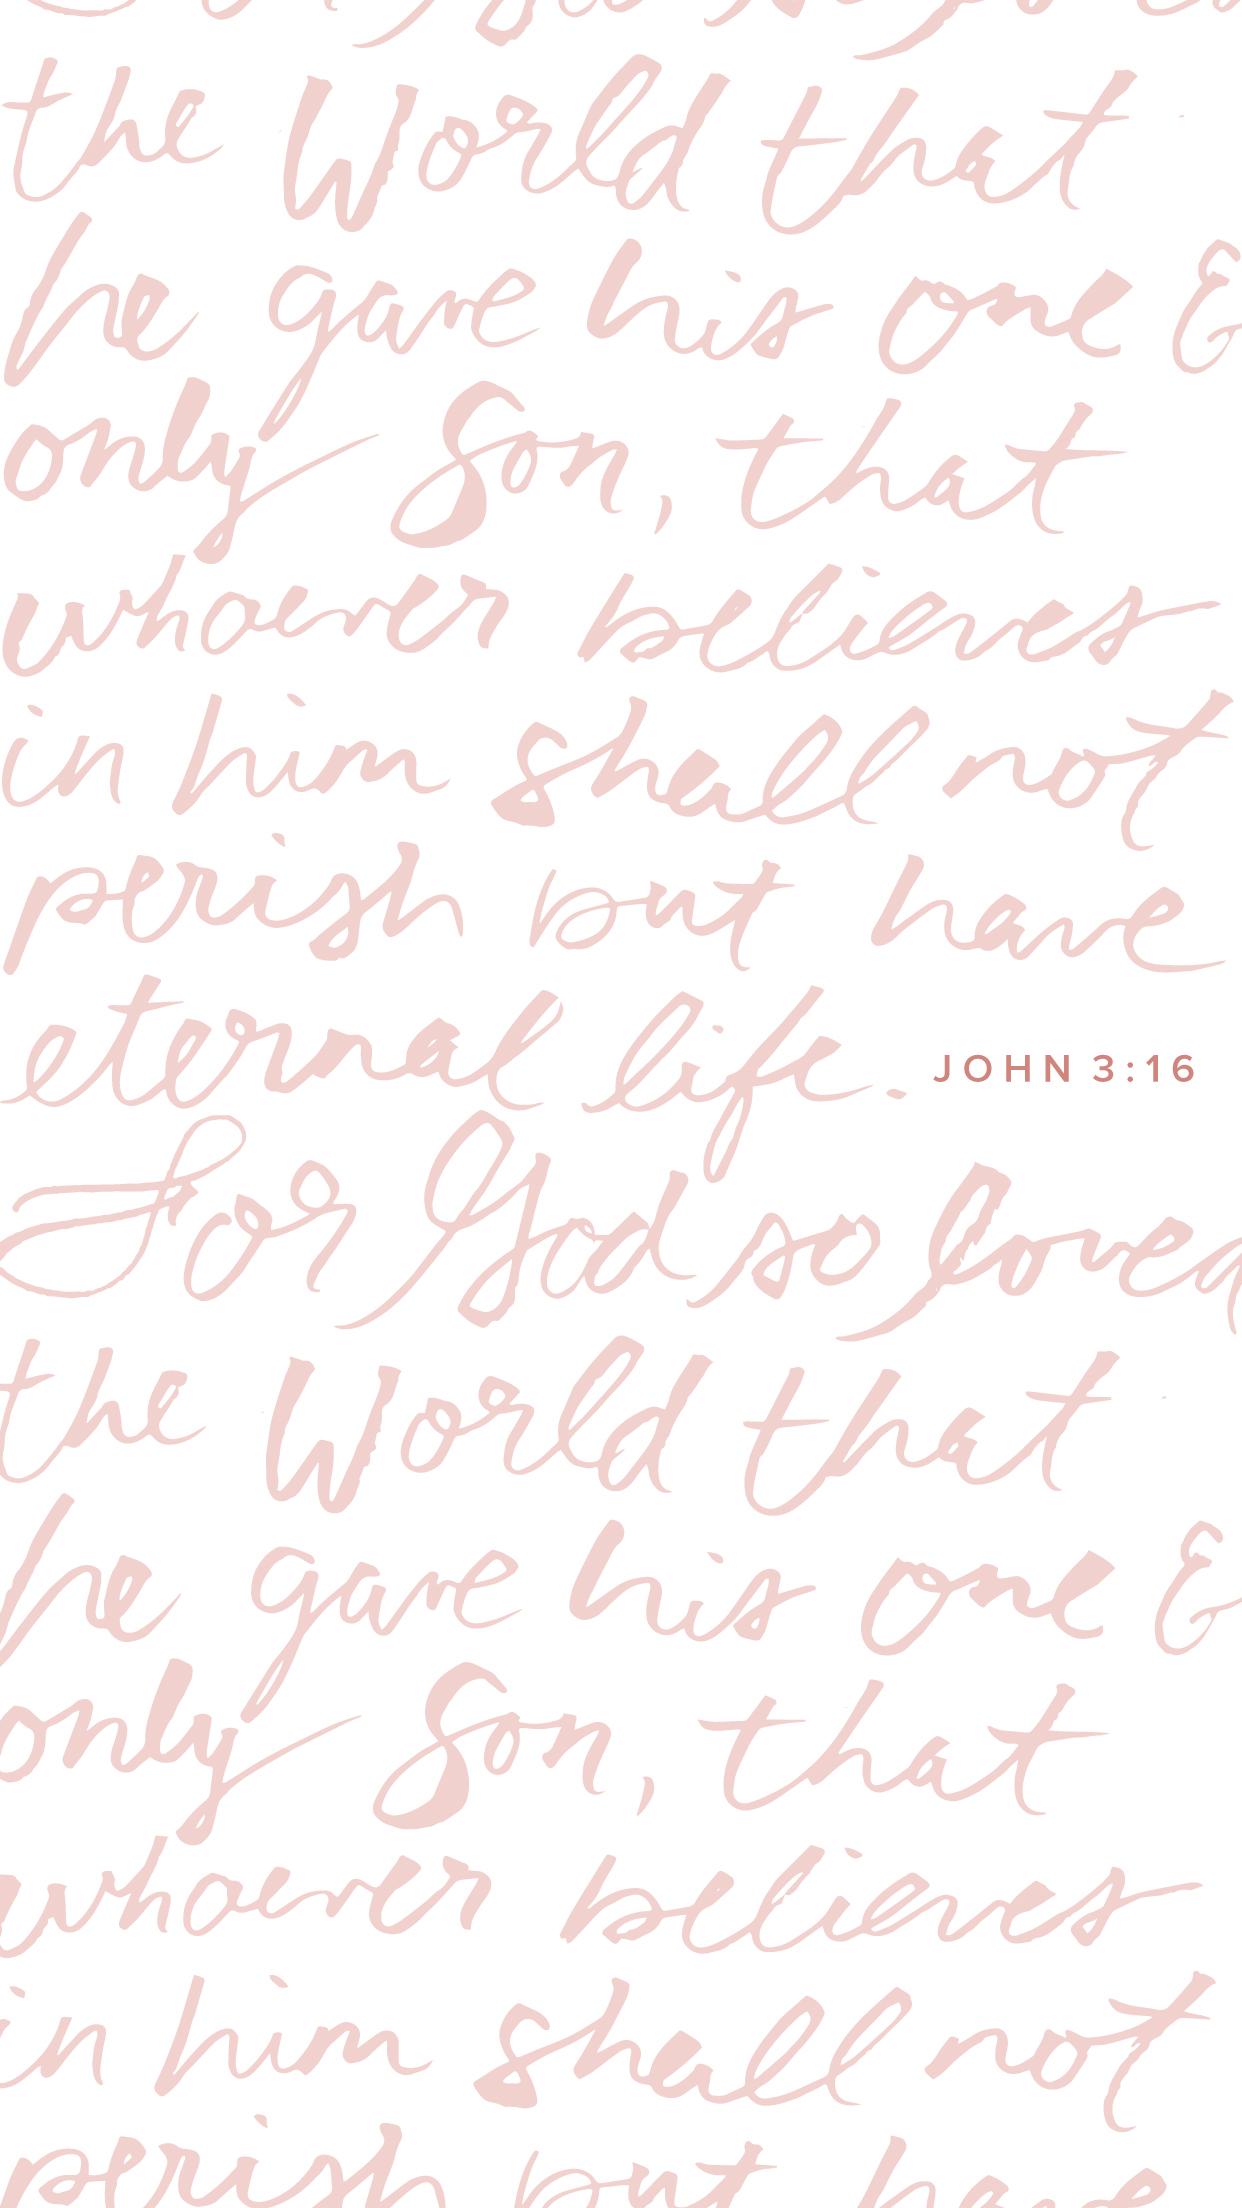 EasterWallpaper_John316_Blush_Mobile